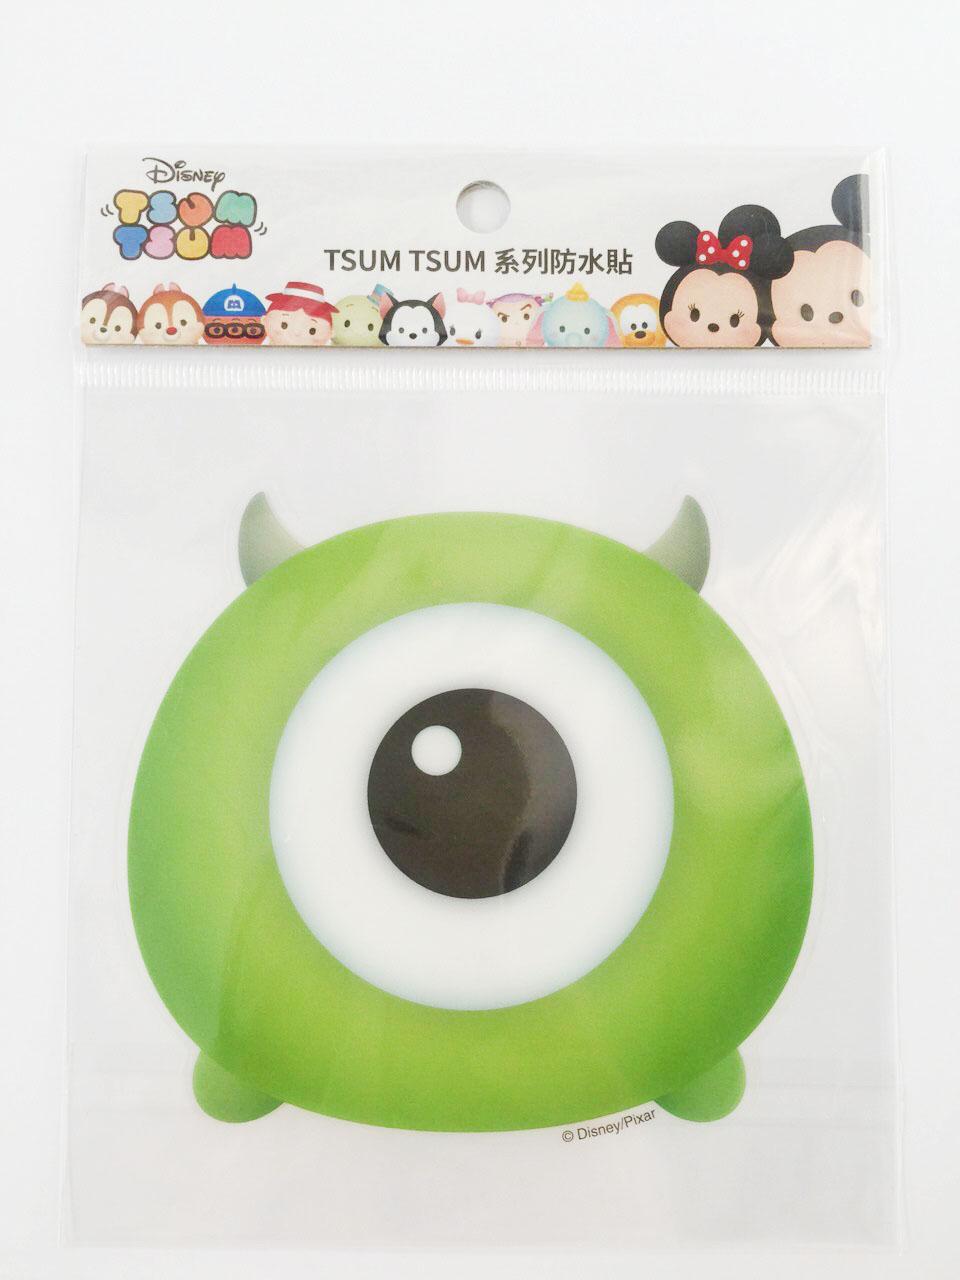 【真愛日本】16011200041  TSUM防水貼紙-大眼仔  怪獸大學 毛怪 迪士尼 裝飾貼紙 PVC 貼紙